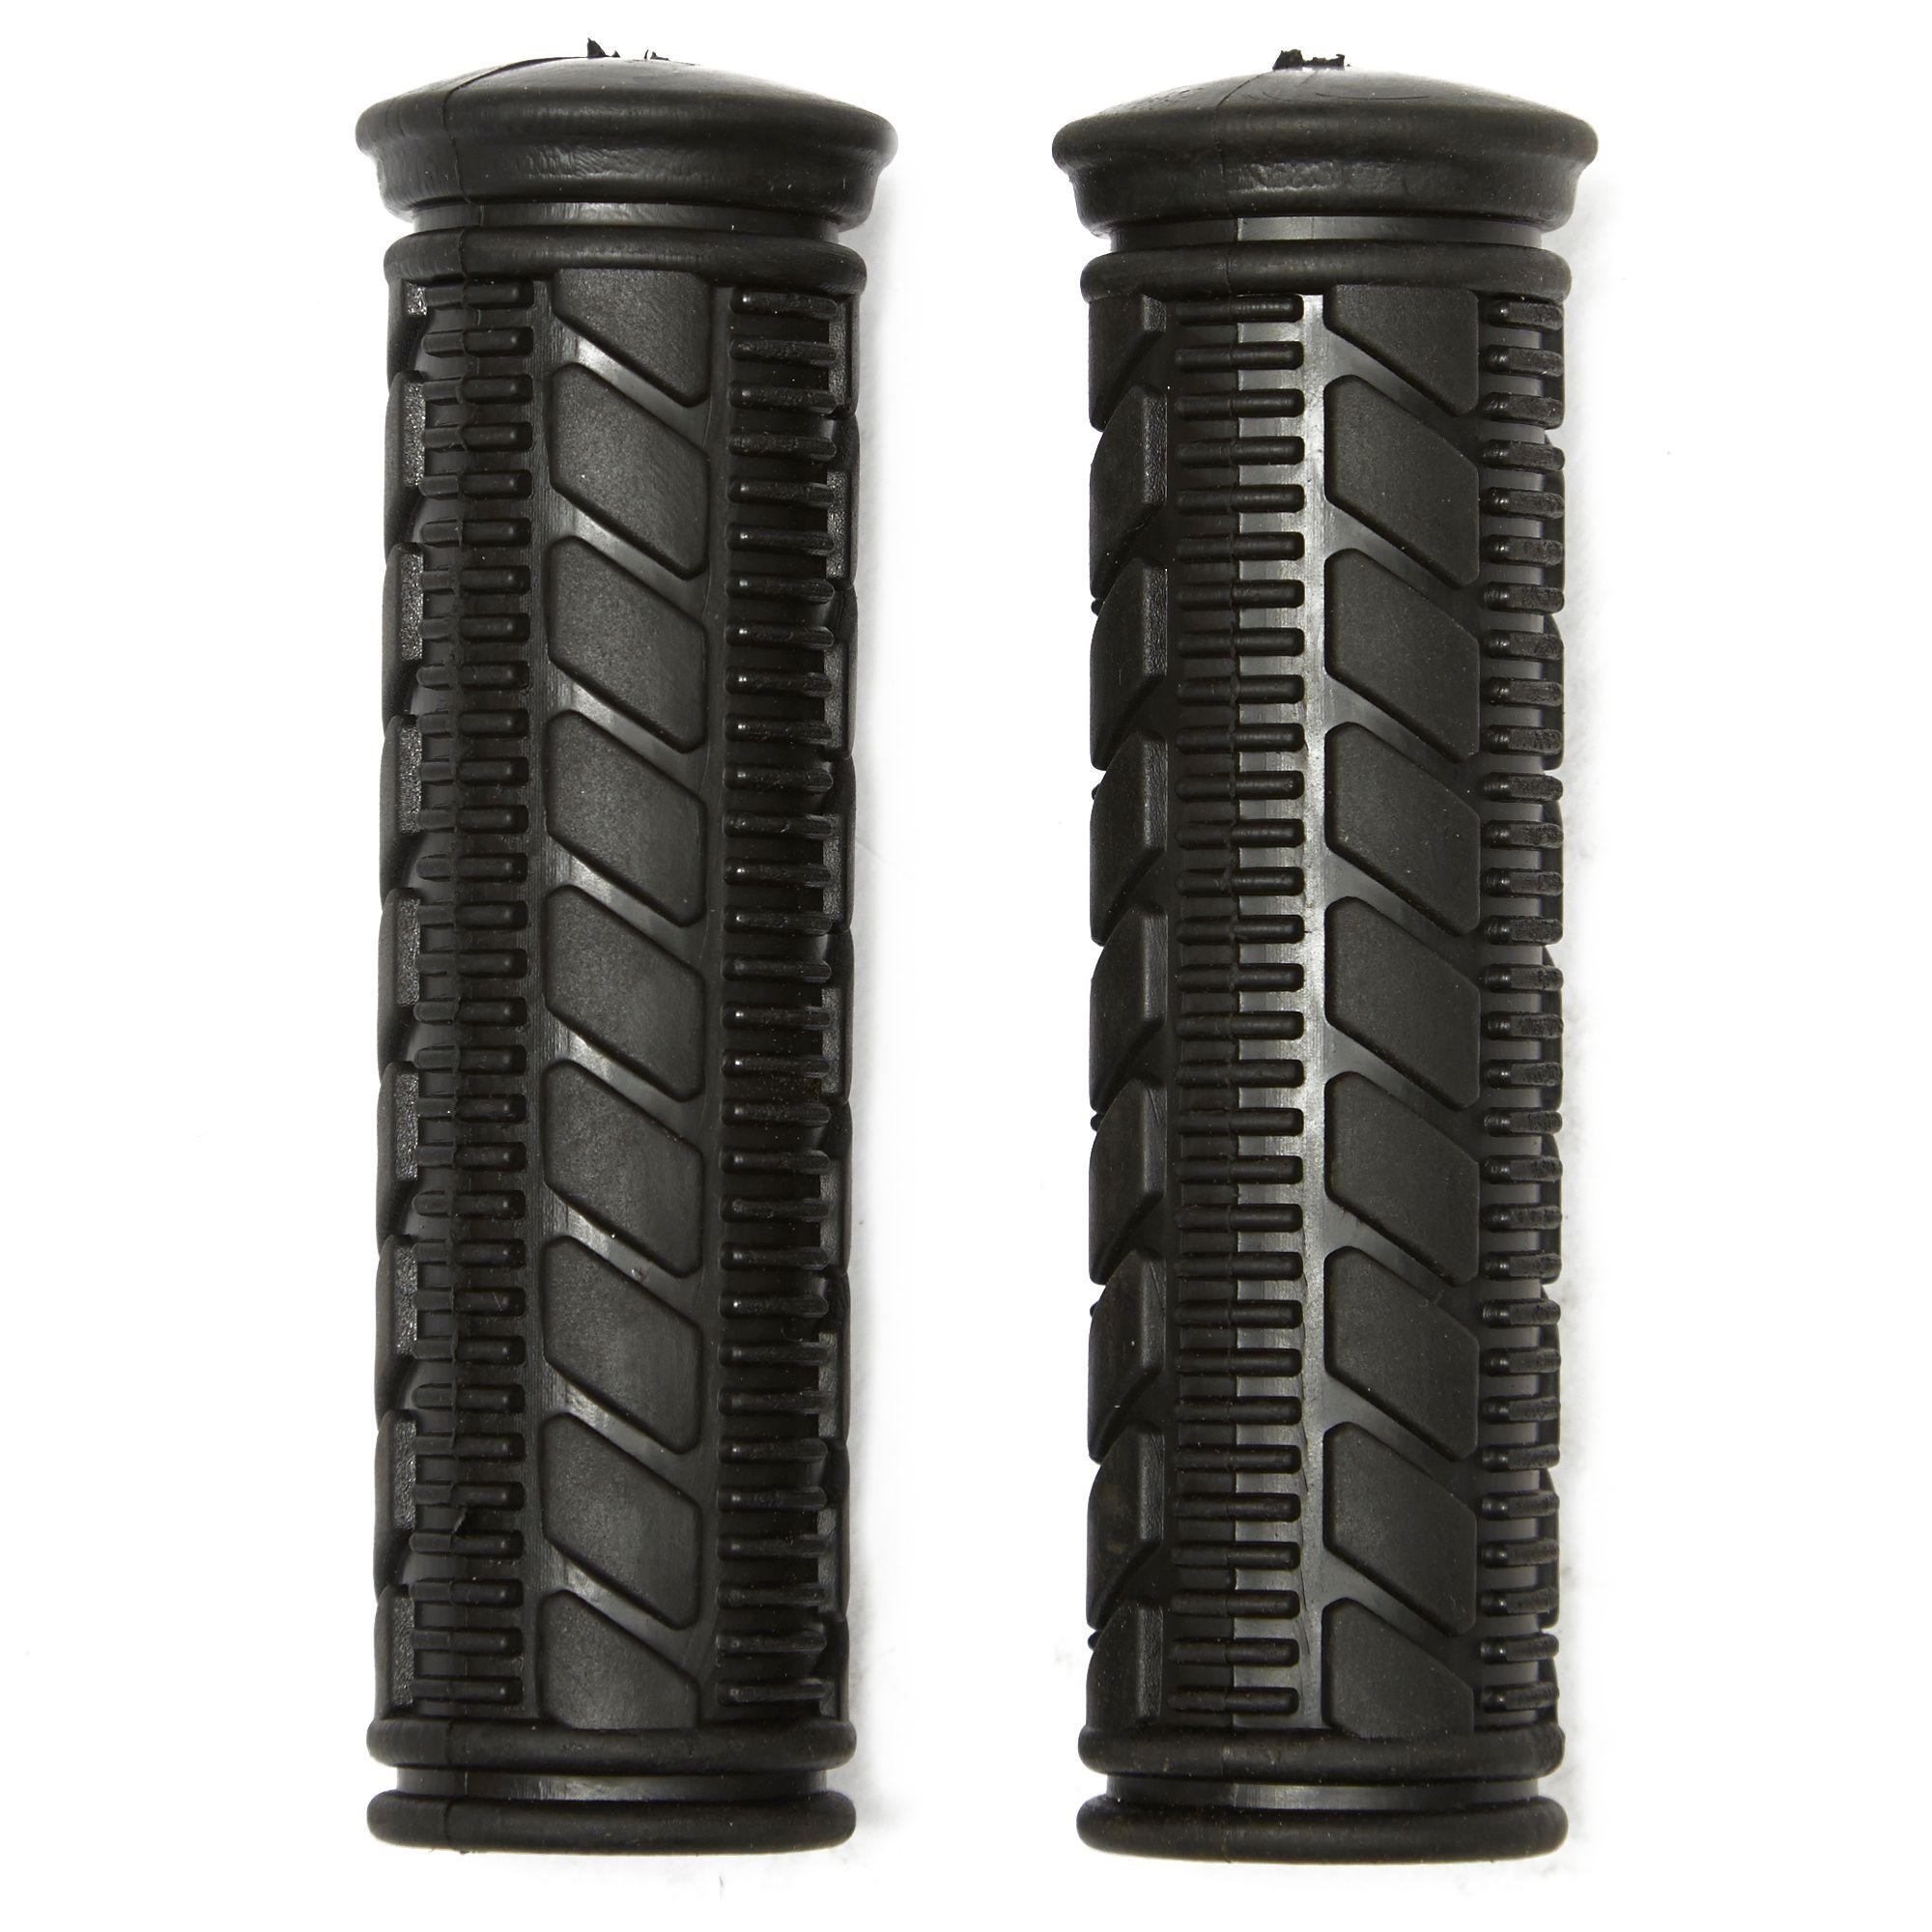 COYOTE Economy 115mm Handlebar Grips